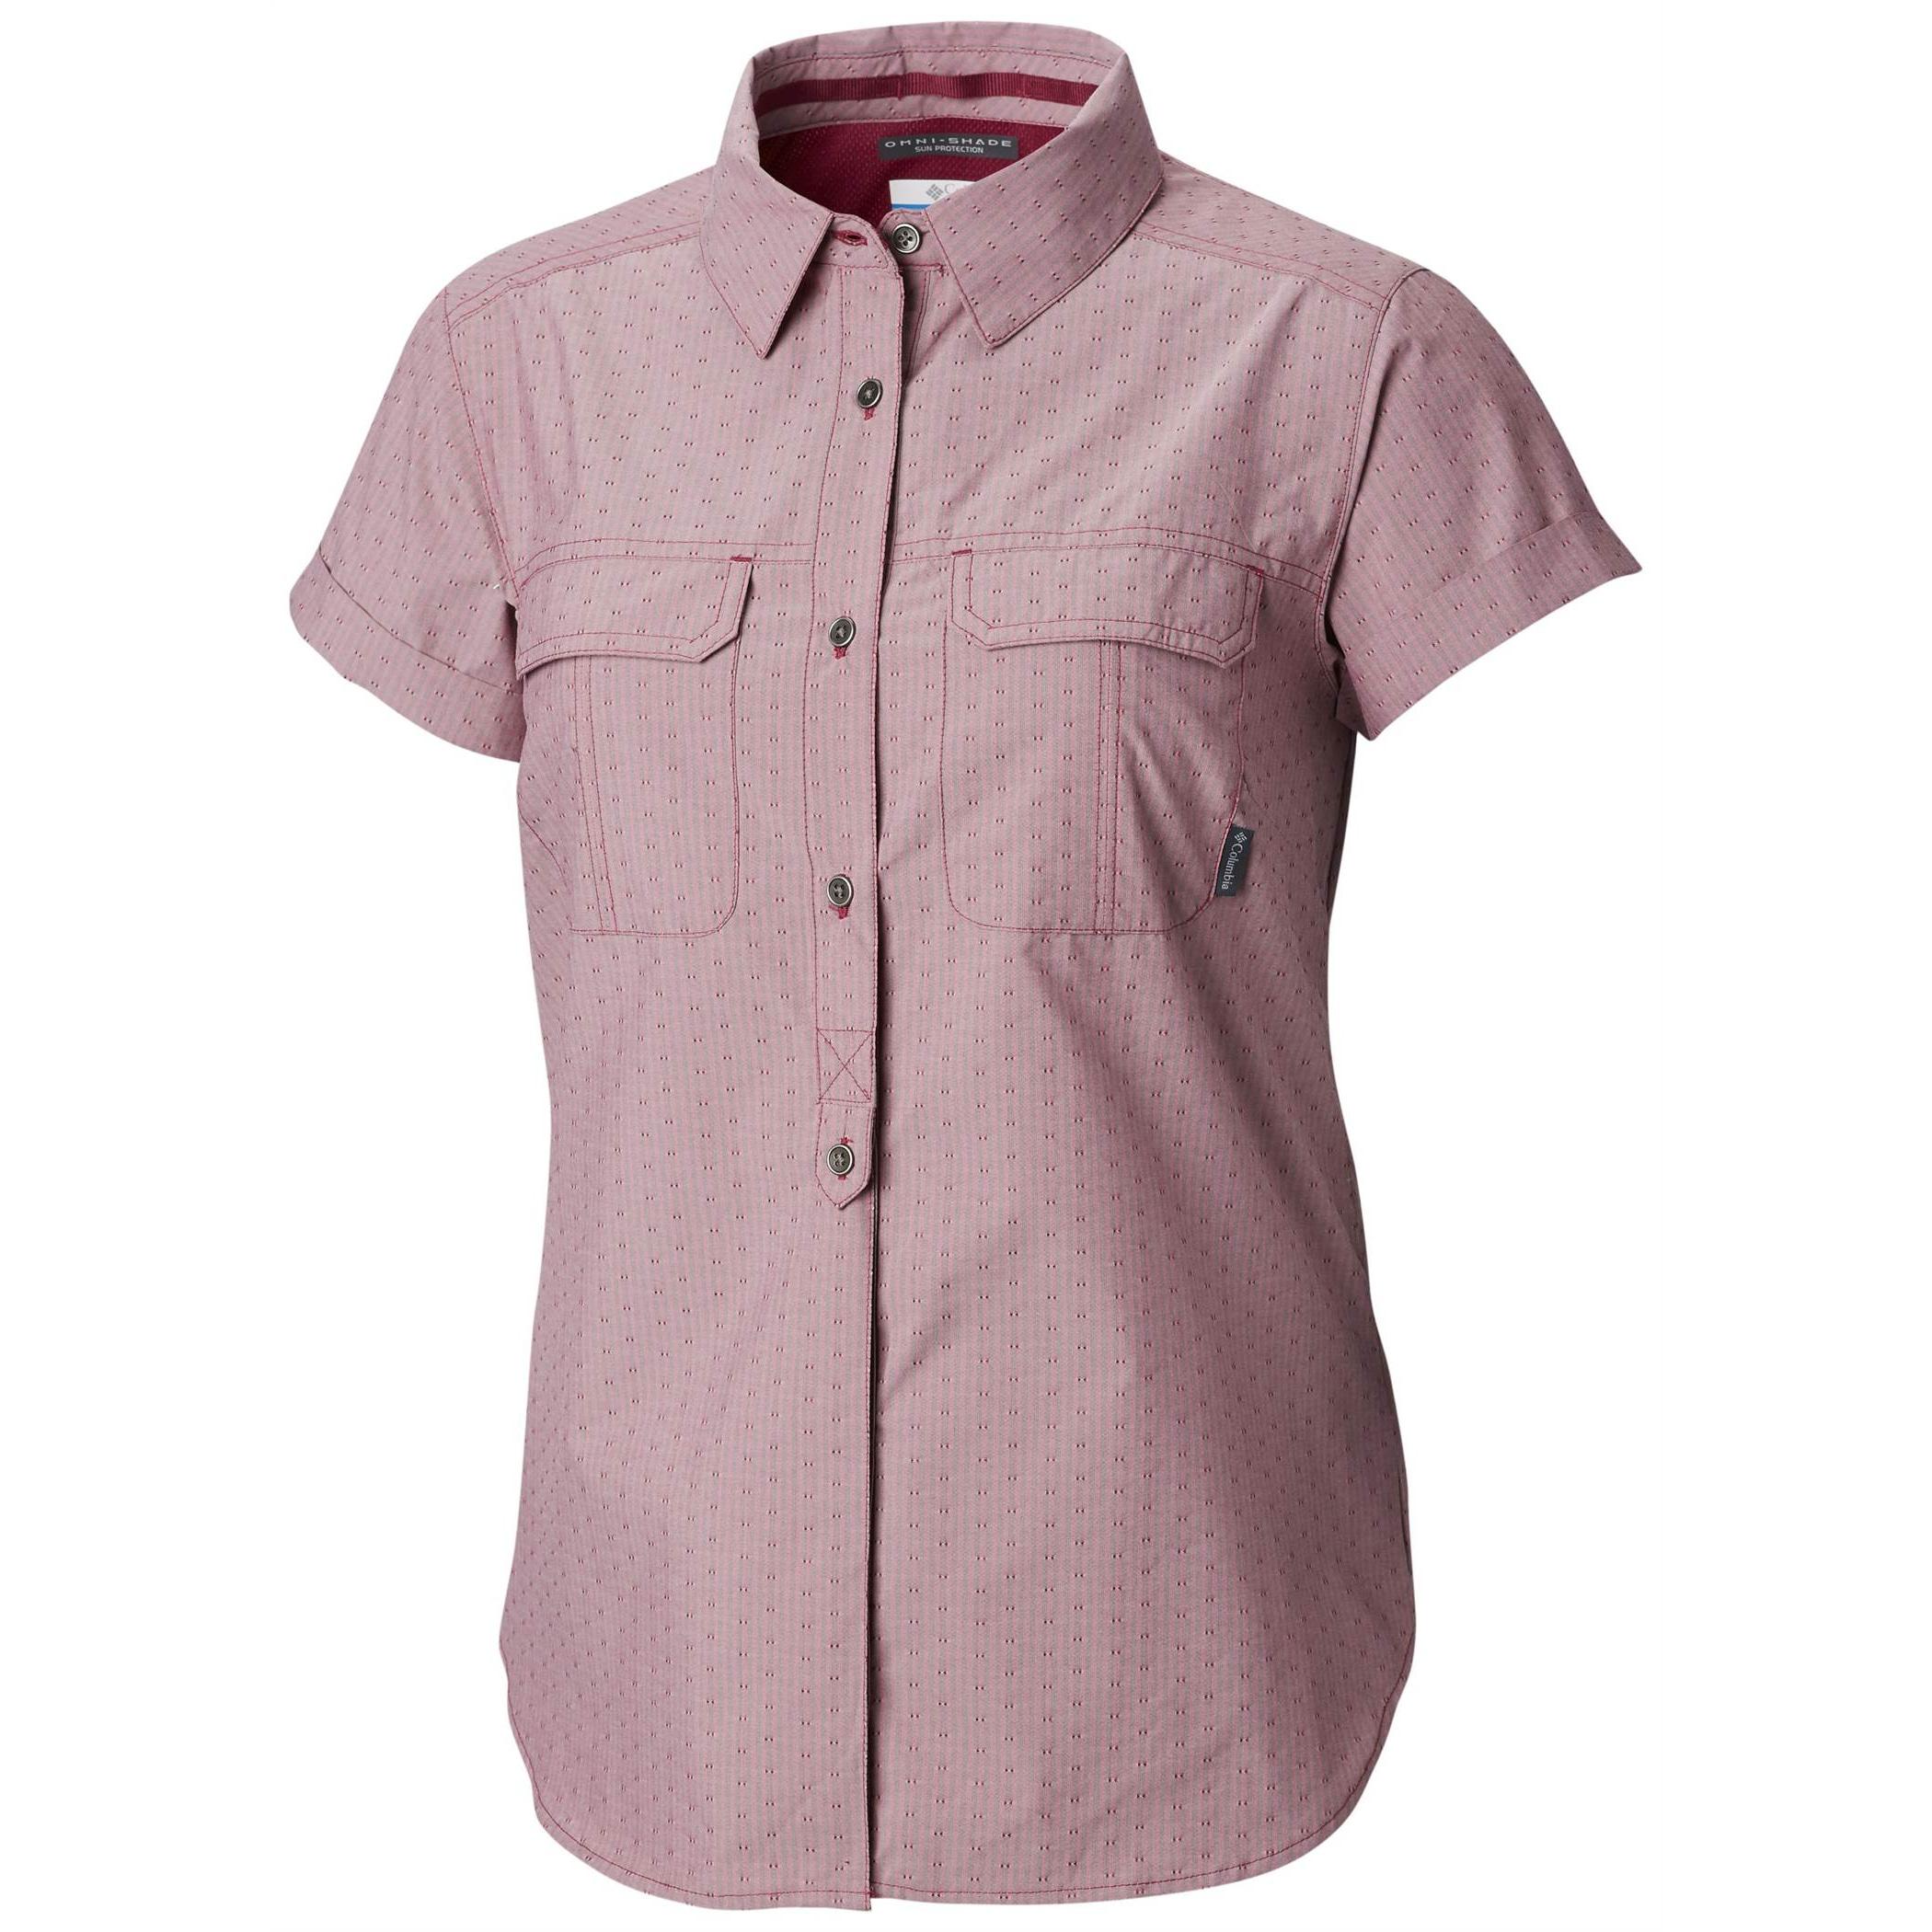 Pilsner Peak Novelty Shirt Short Sleeve - Women's